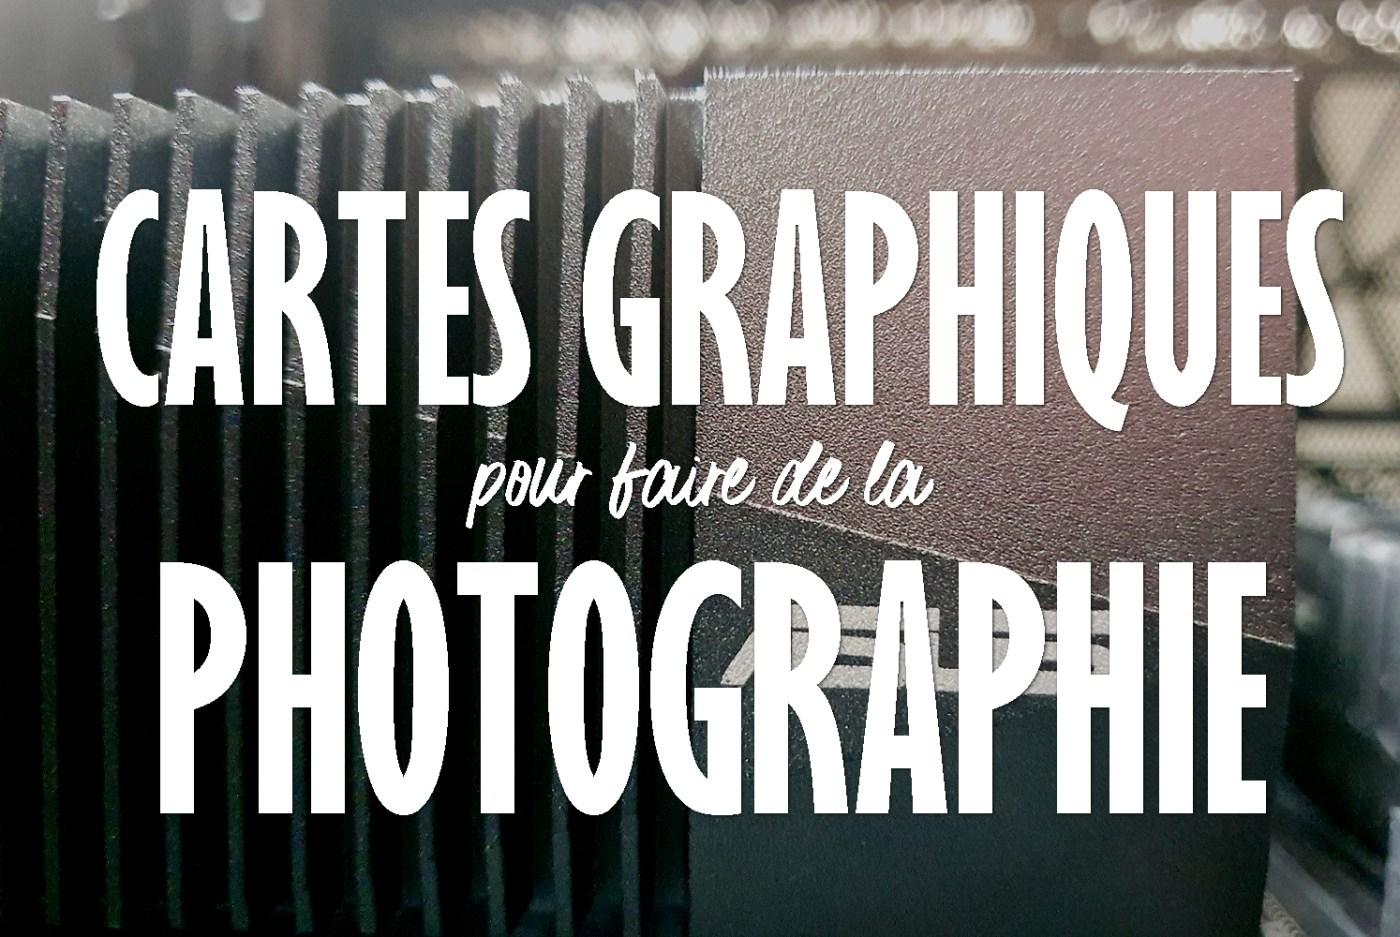 carte graphique pour Lightroom et Photoshop